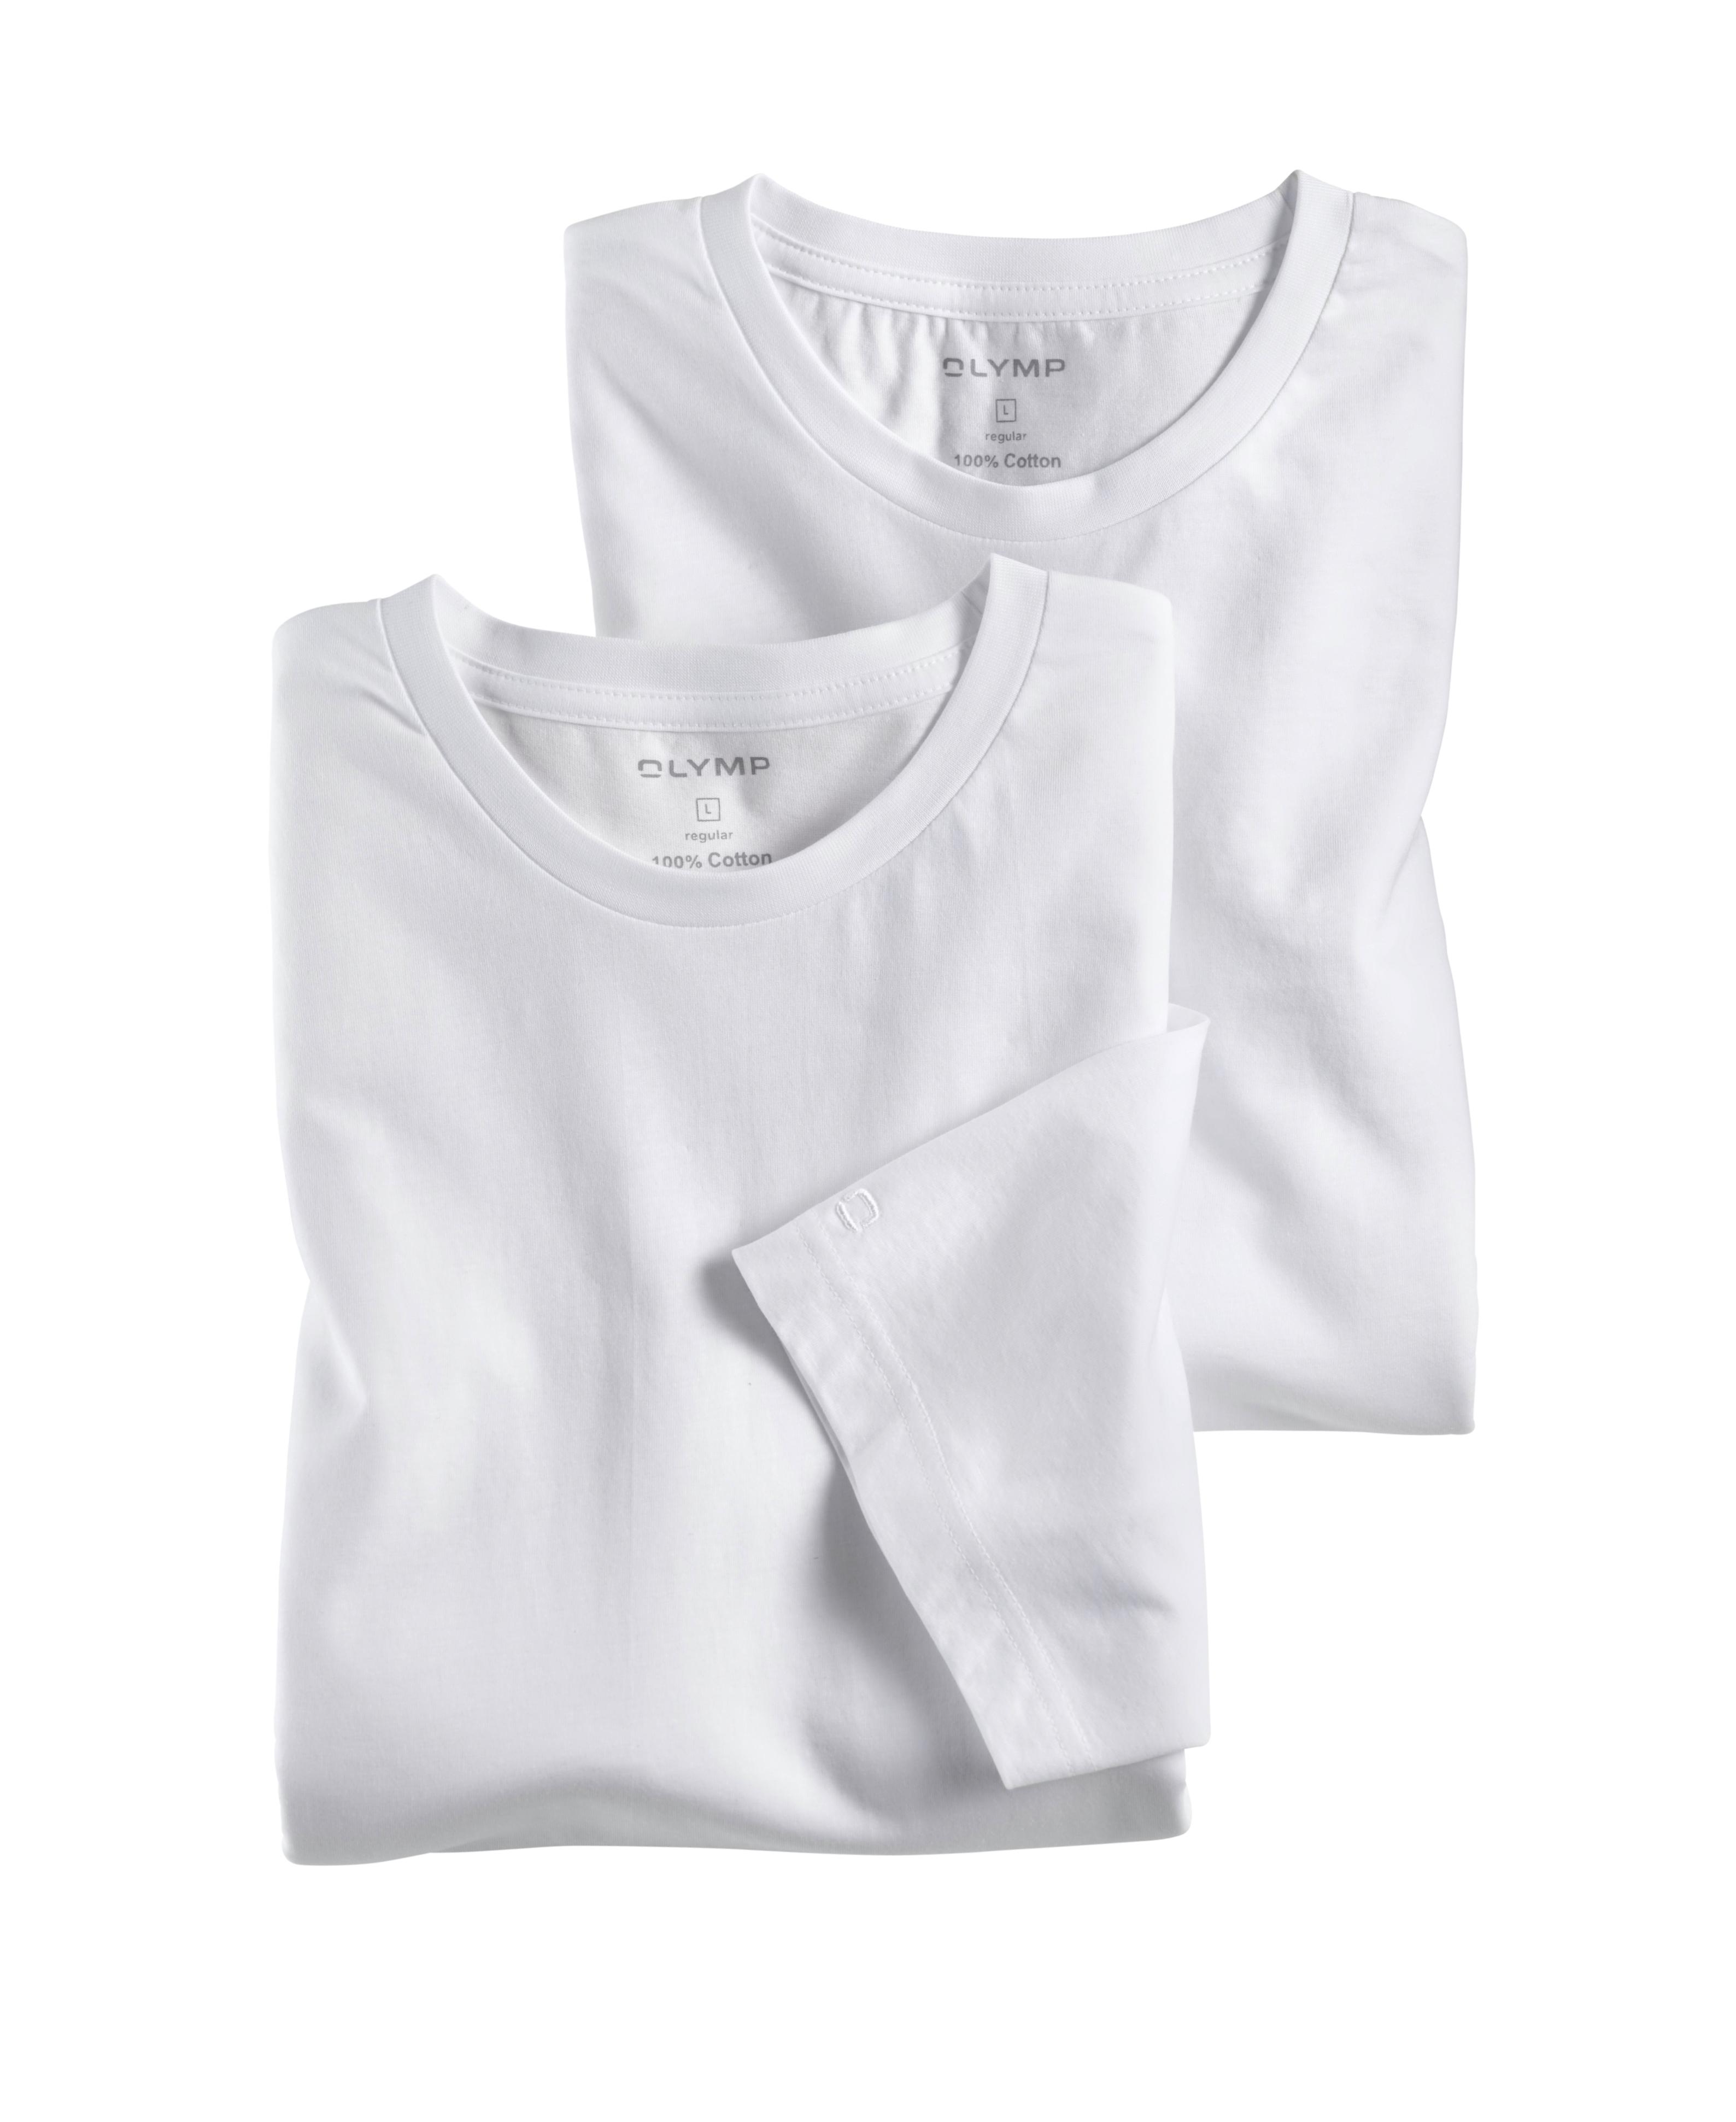 Olymp aluspaita (2-pack) Valkoinen